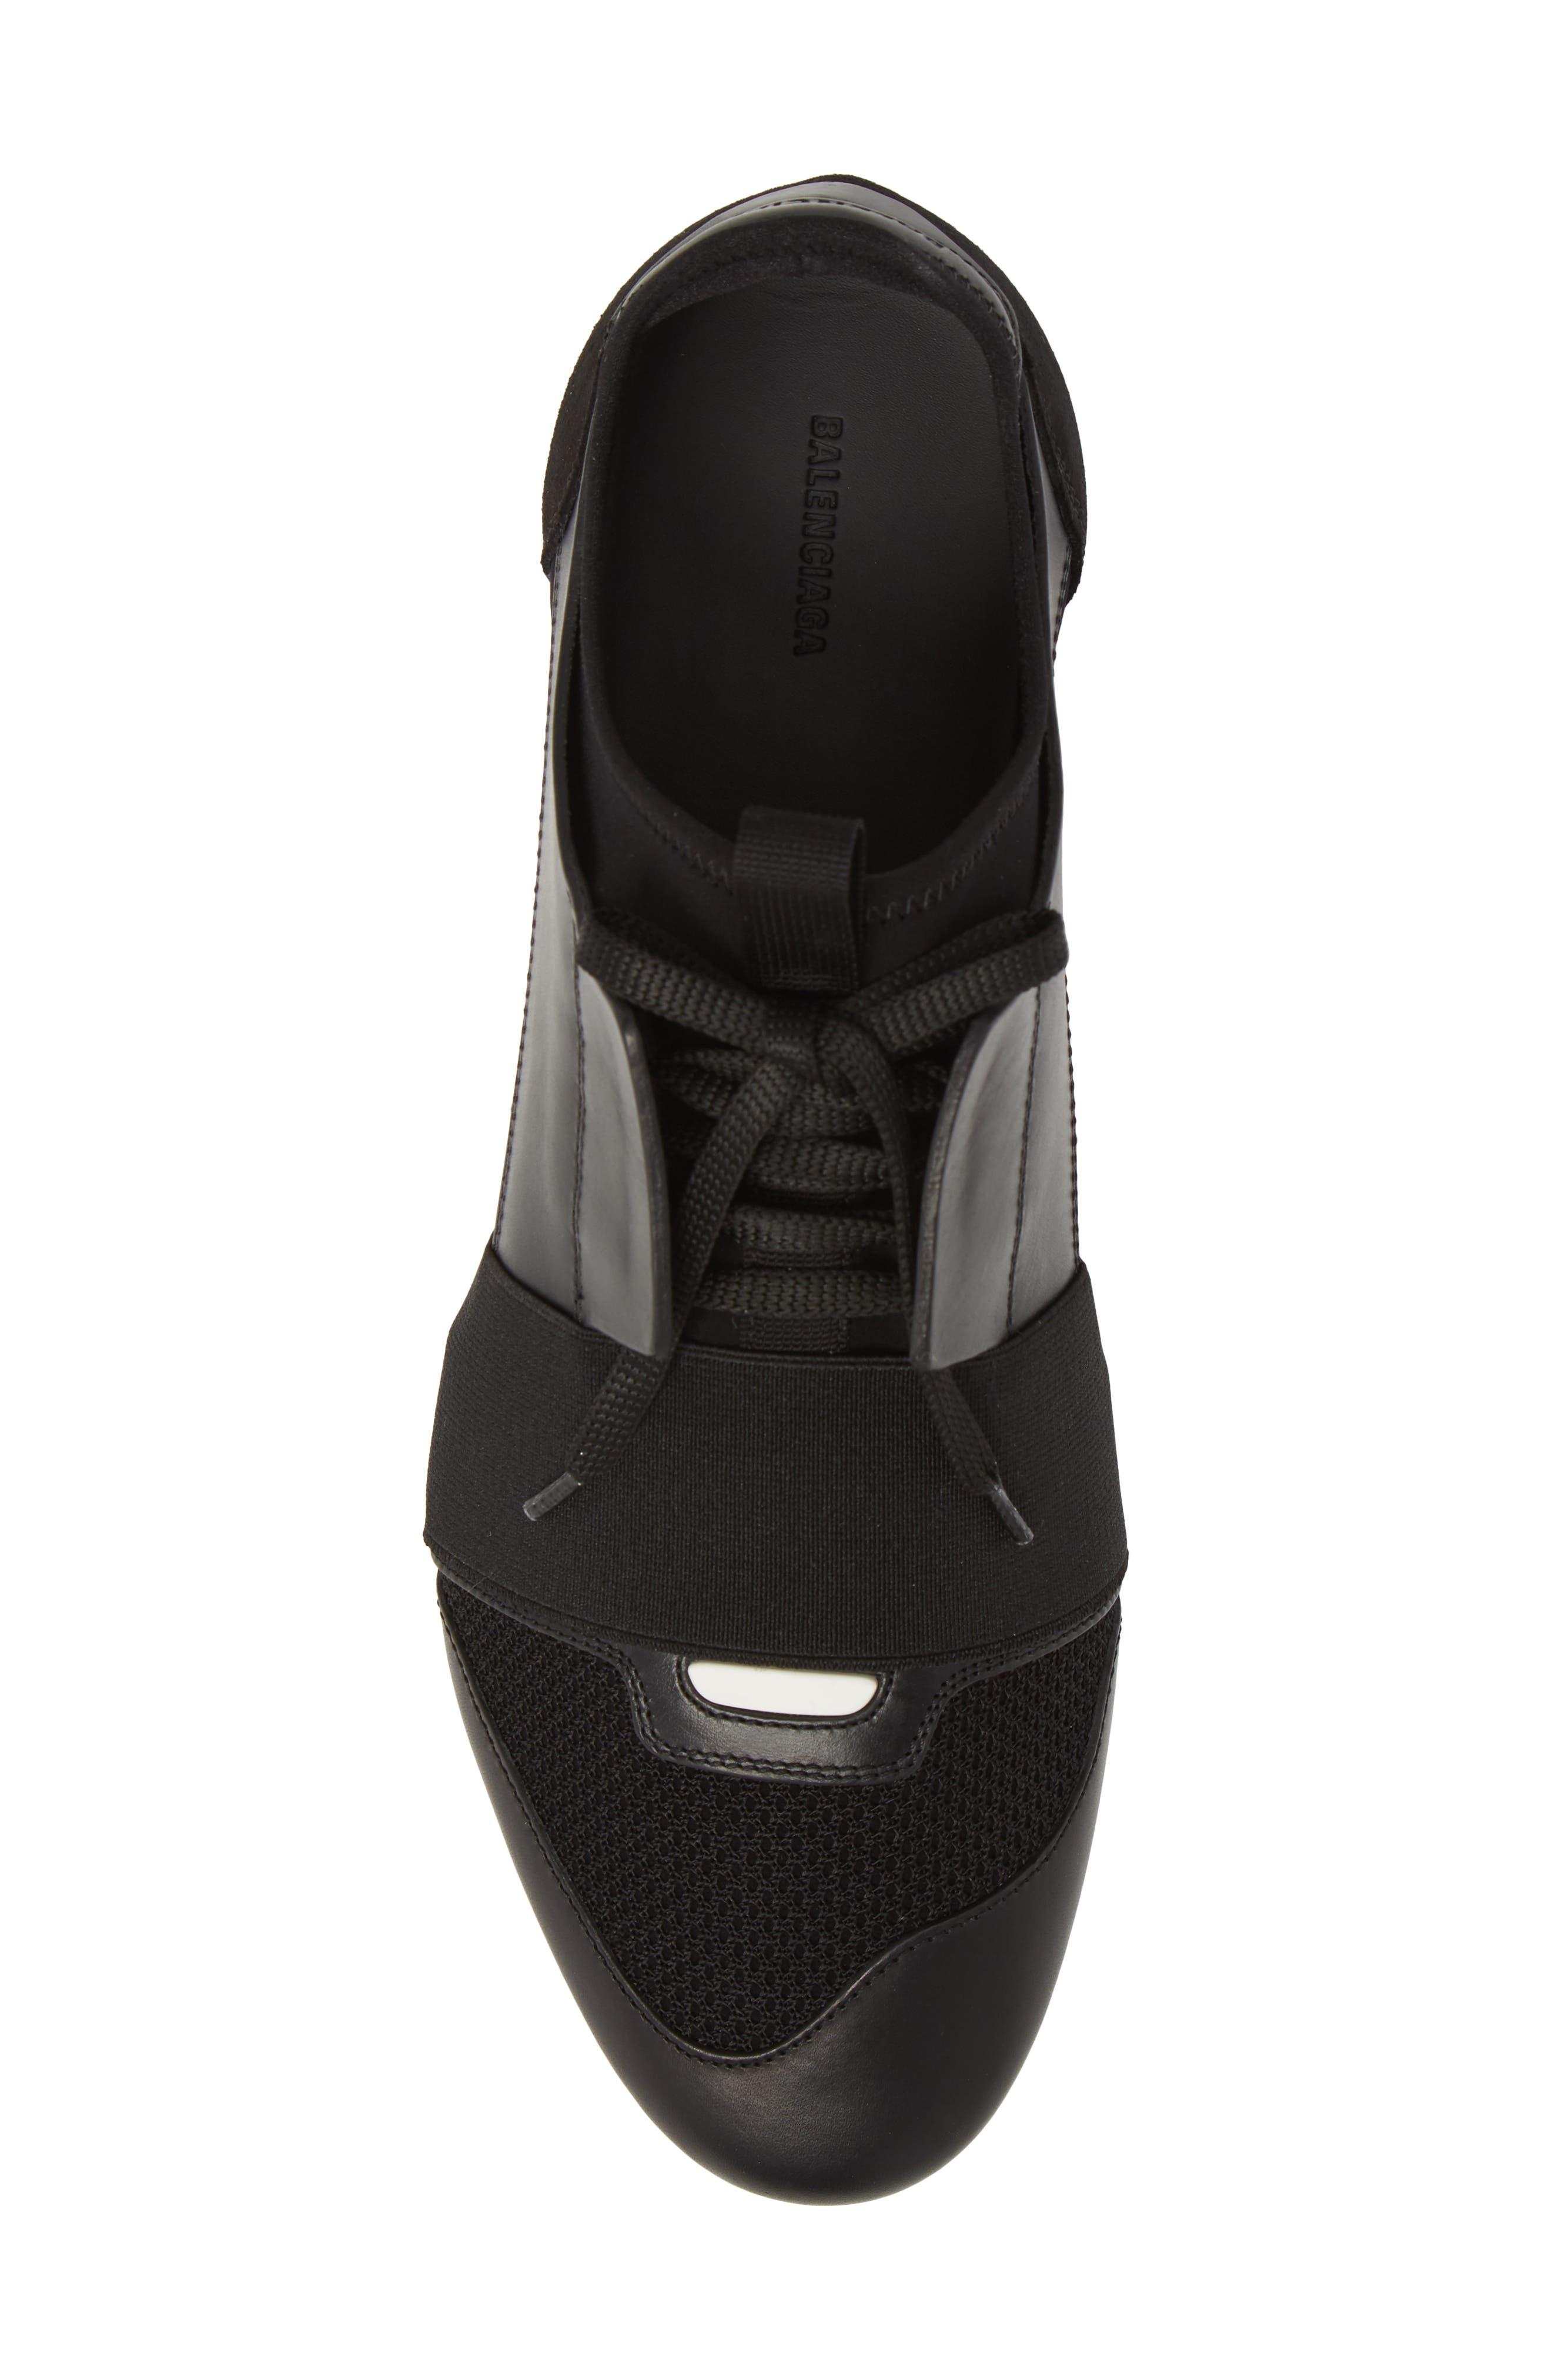 Race Runner Sneaker,                             Alternate thumbnail 5, color,                             Noir/ Black